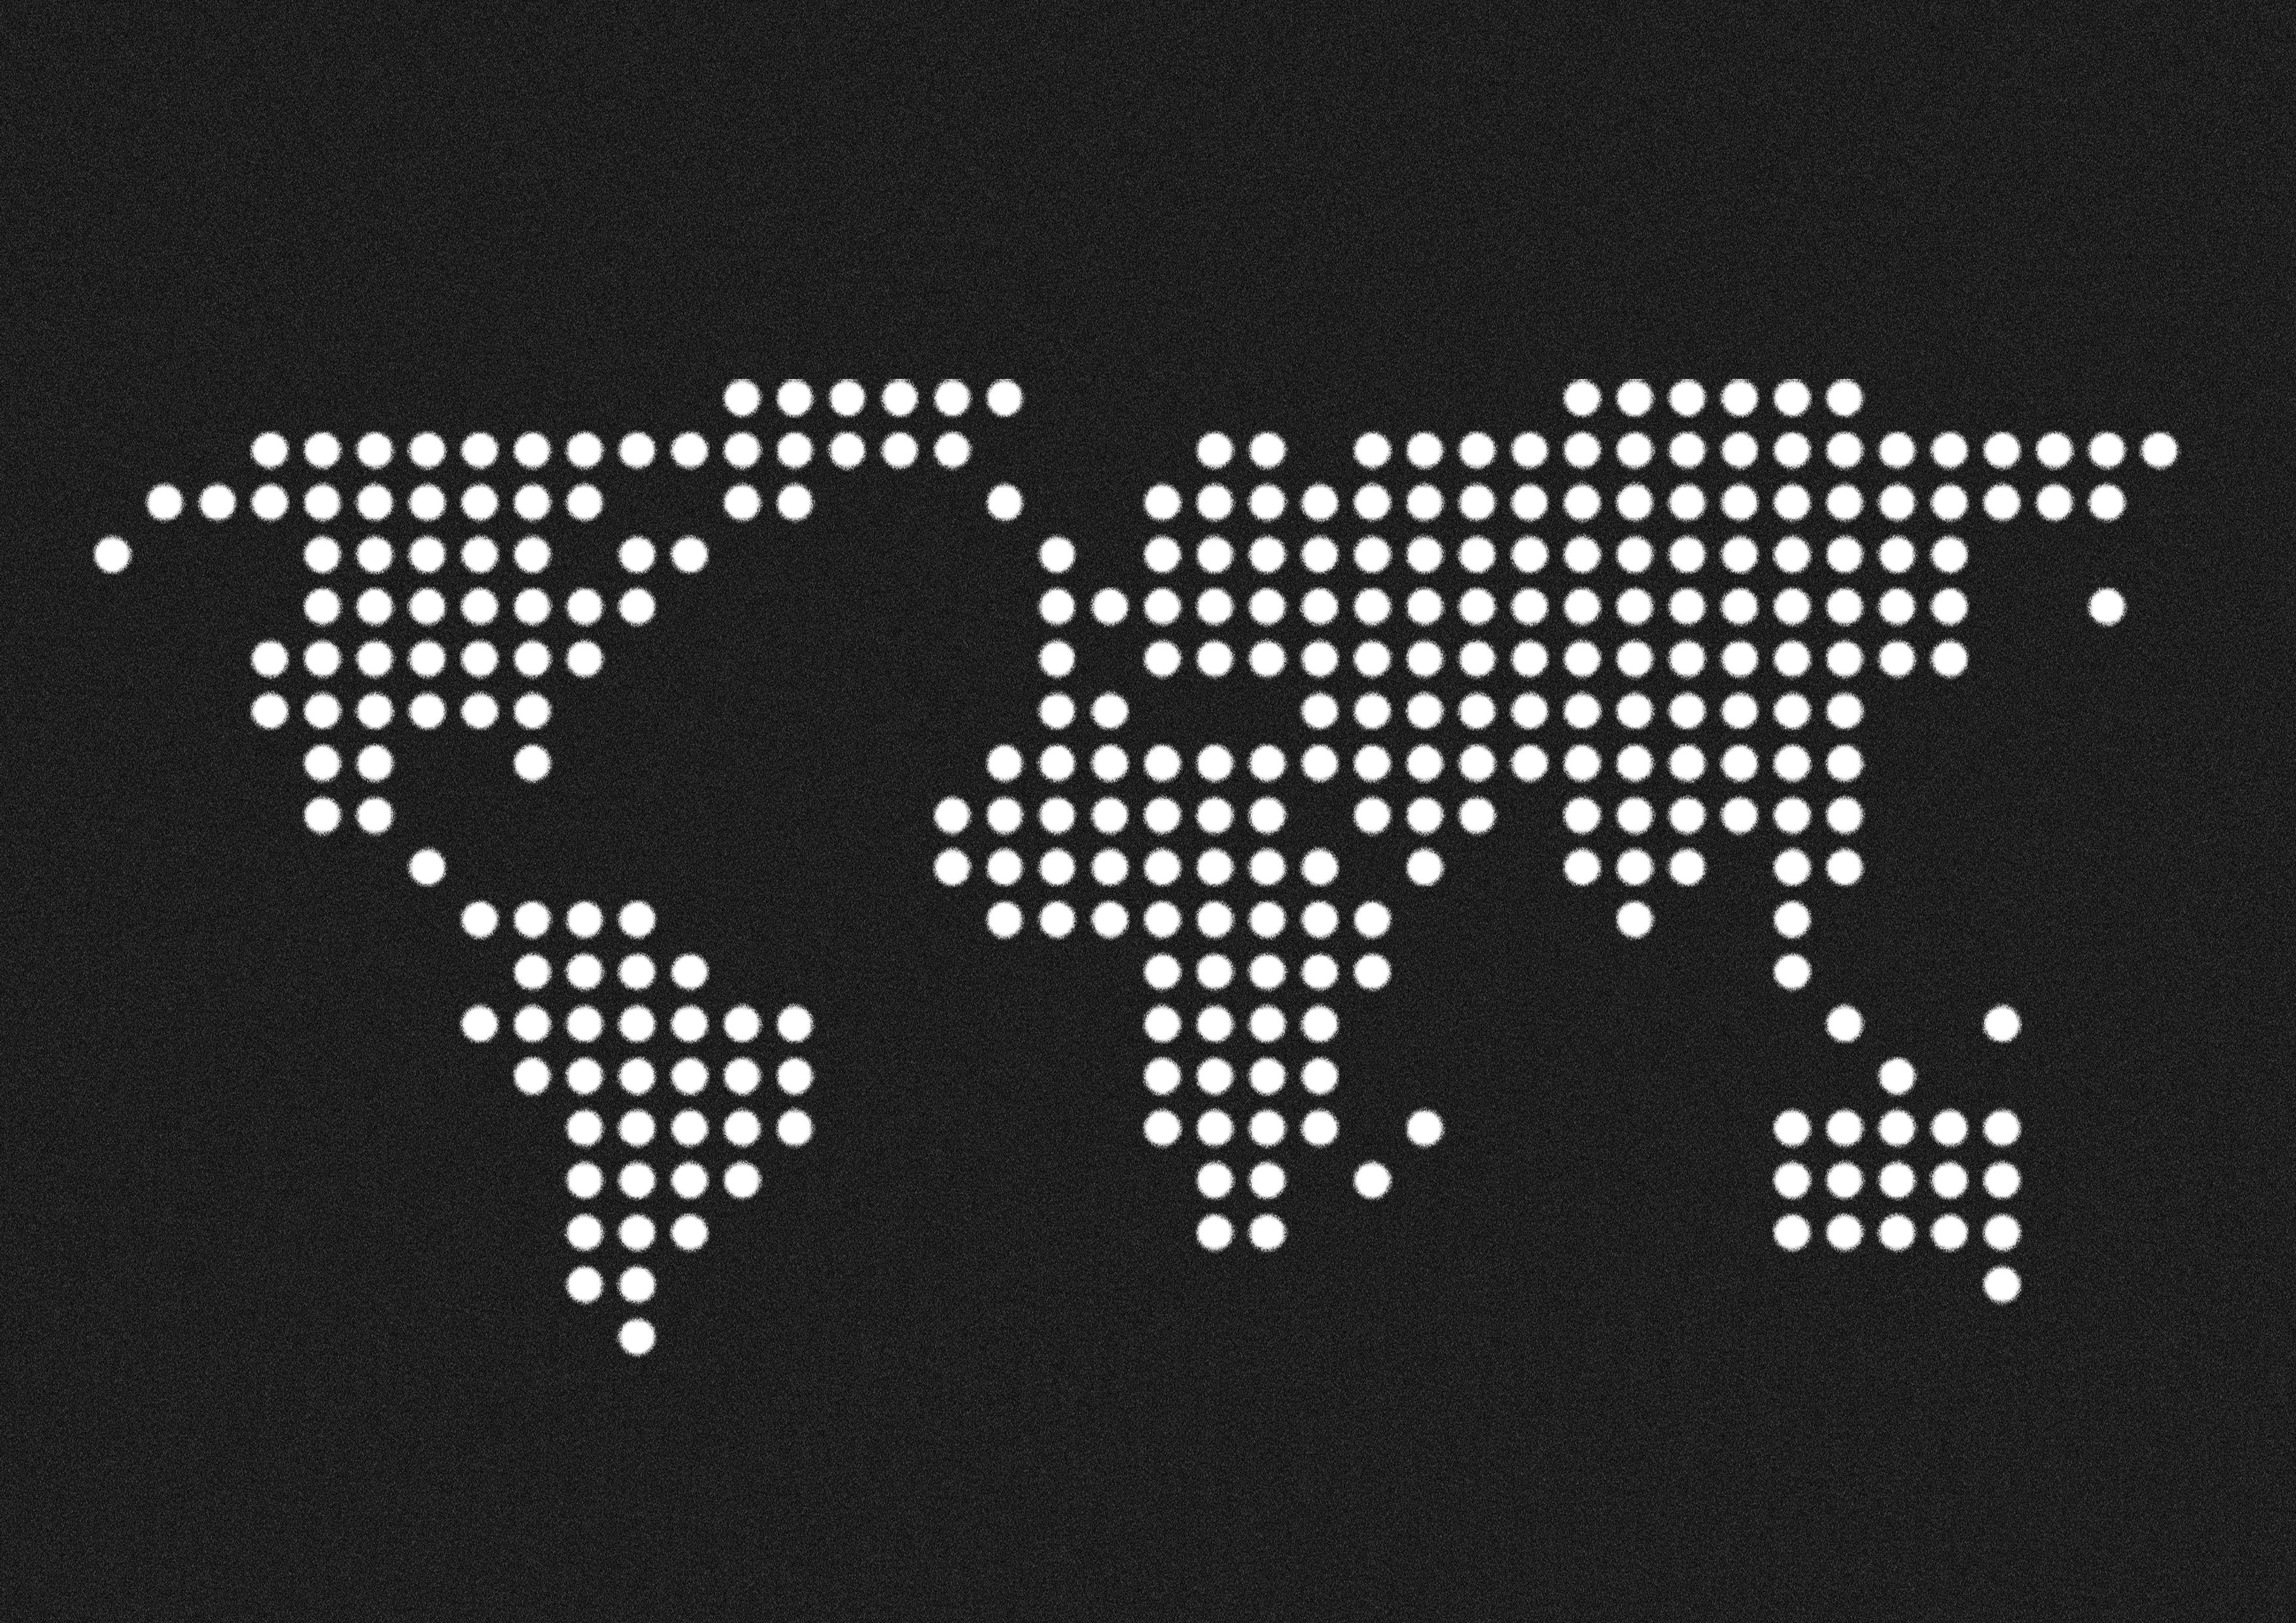 кредиты международных валютно-кредитных и финансовых организаций